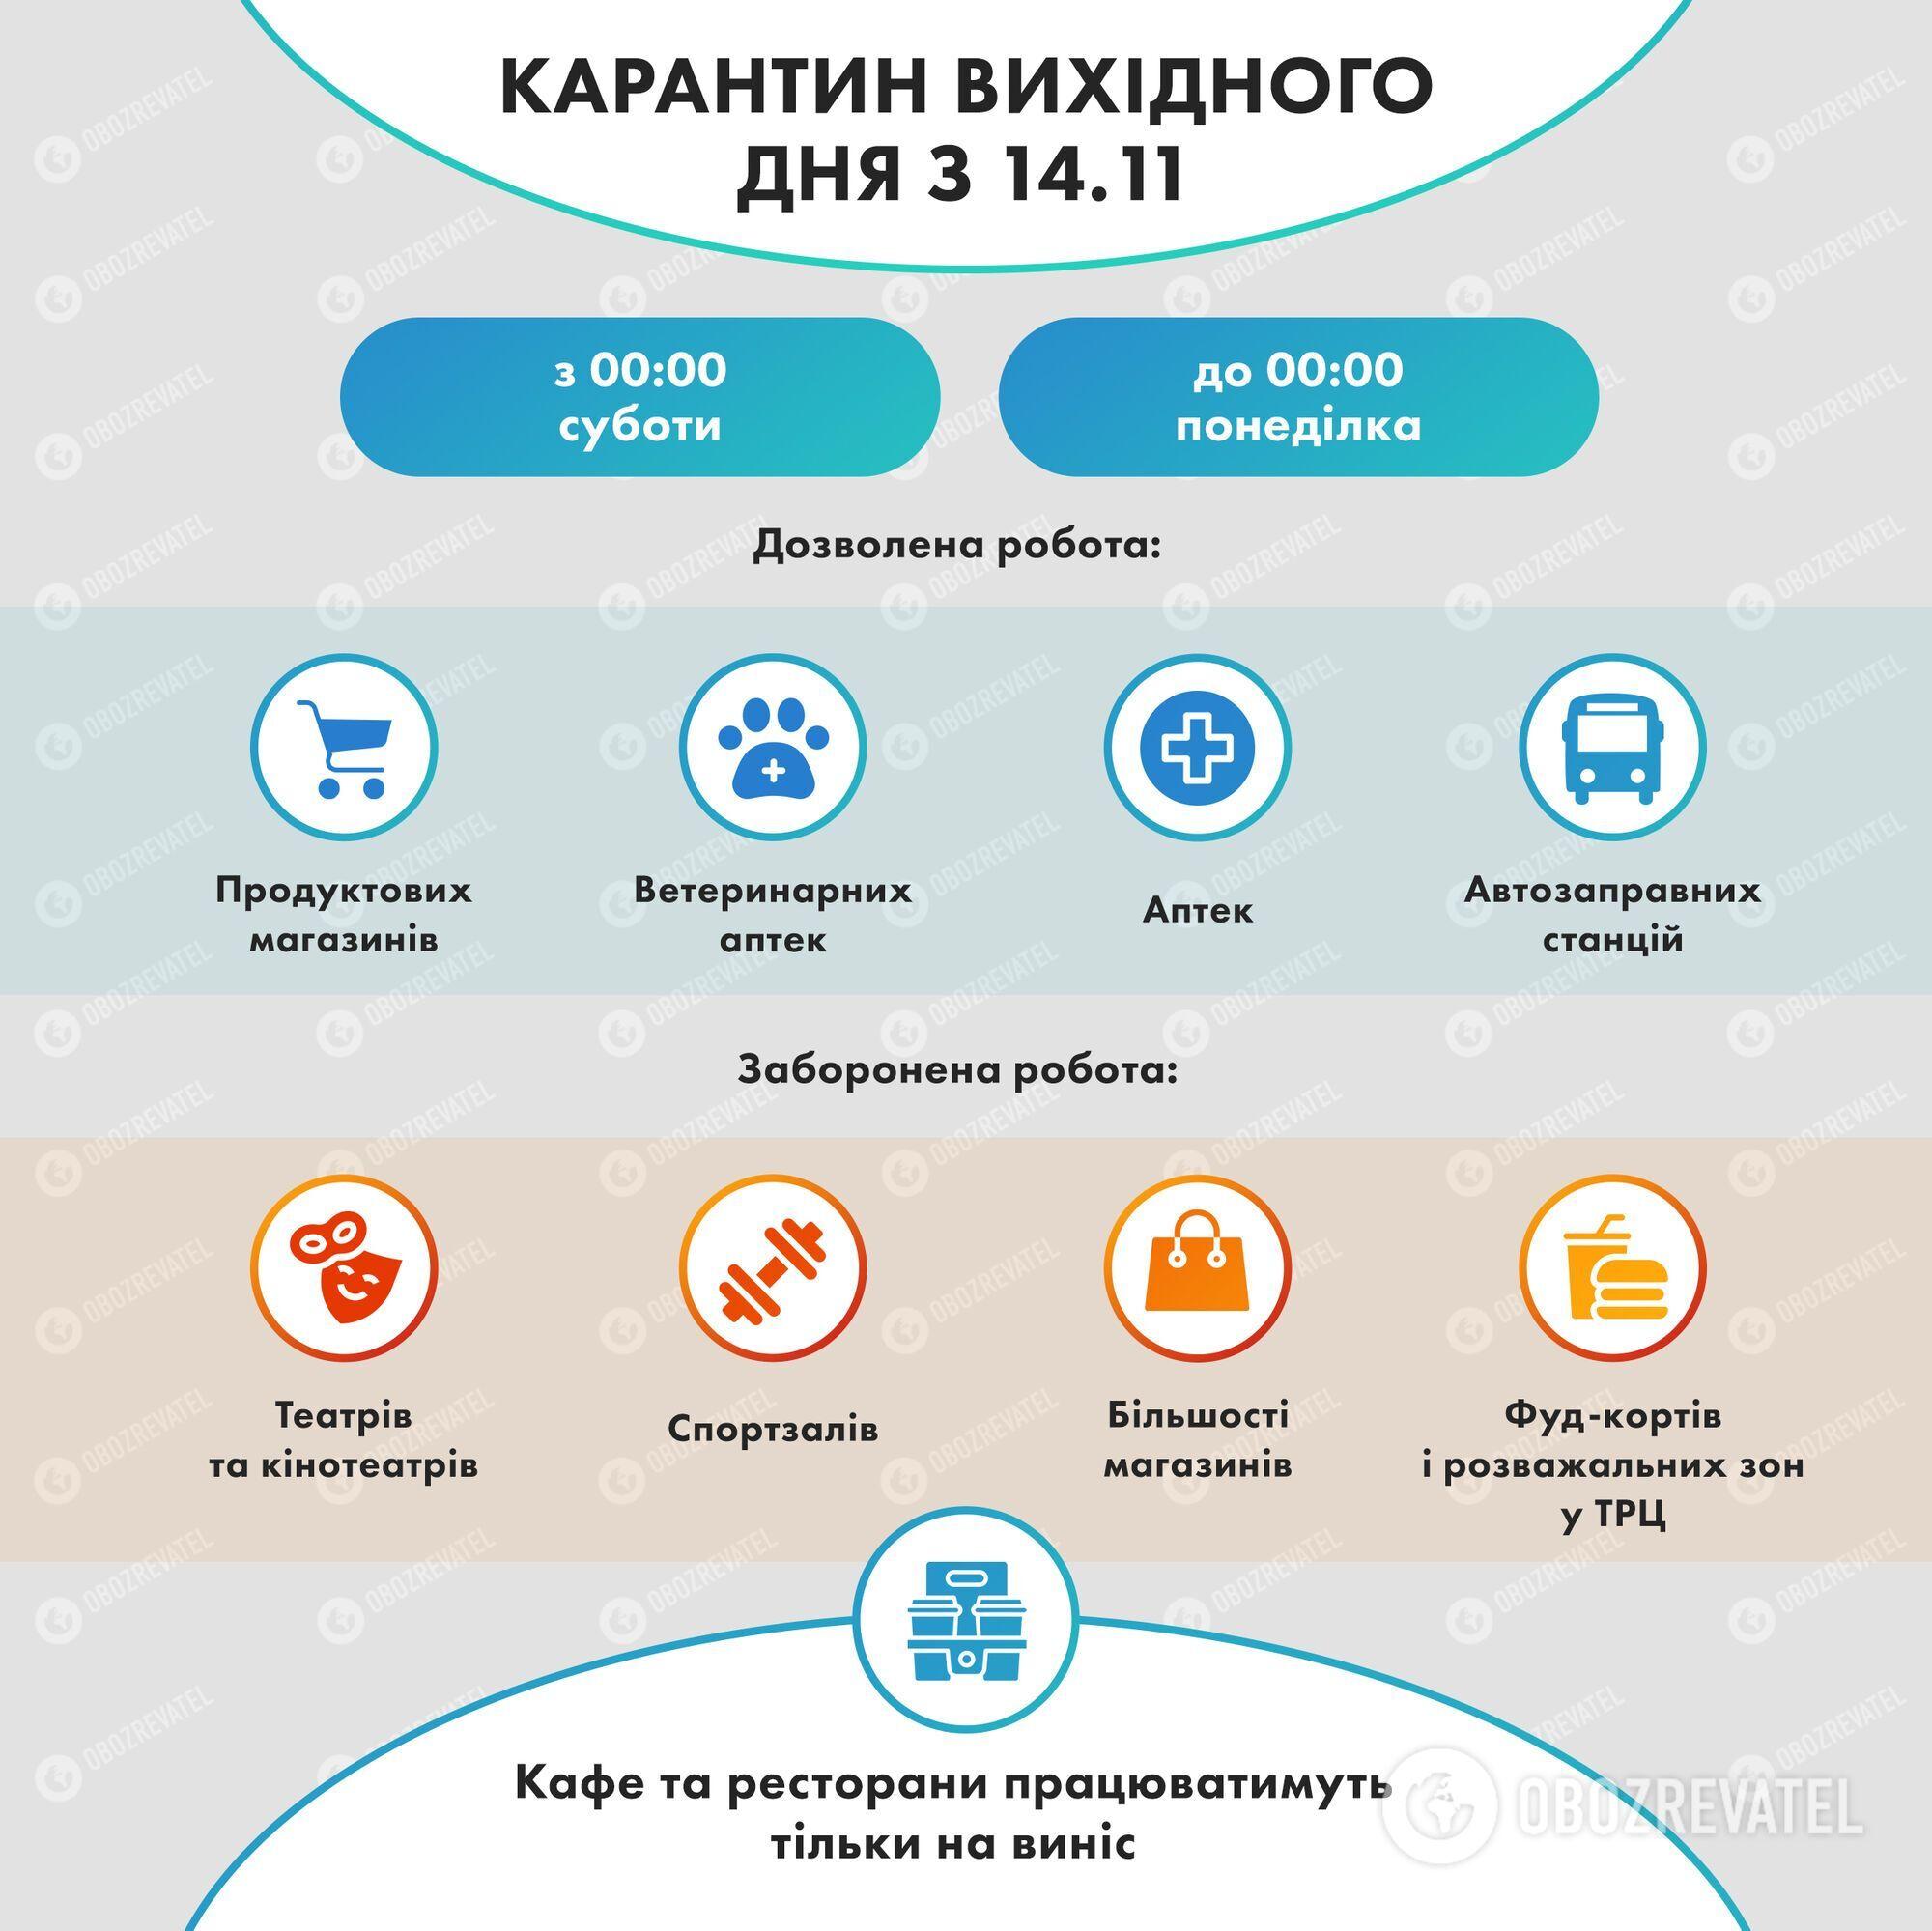 Правила карантину вихідного дня в Україні.